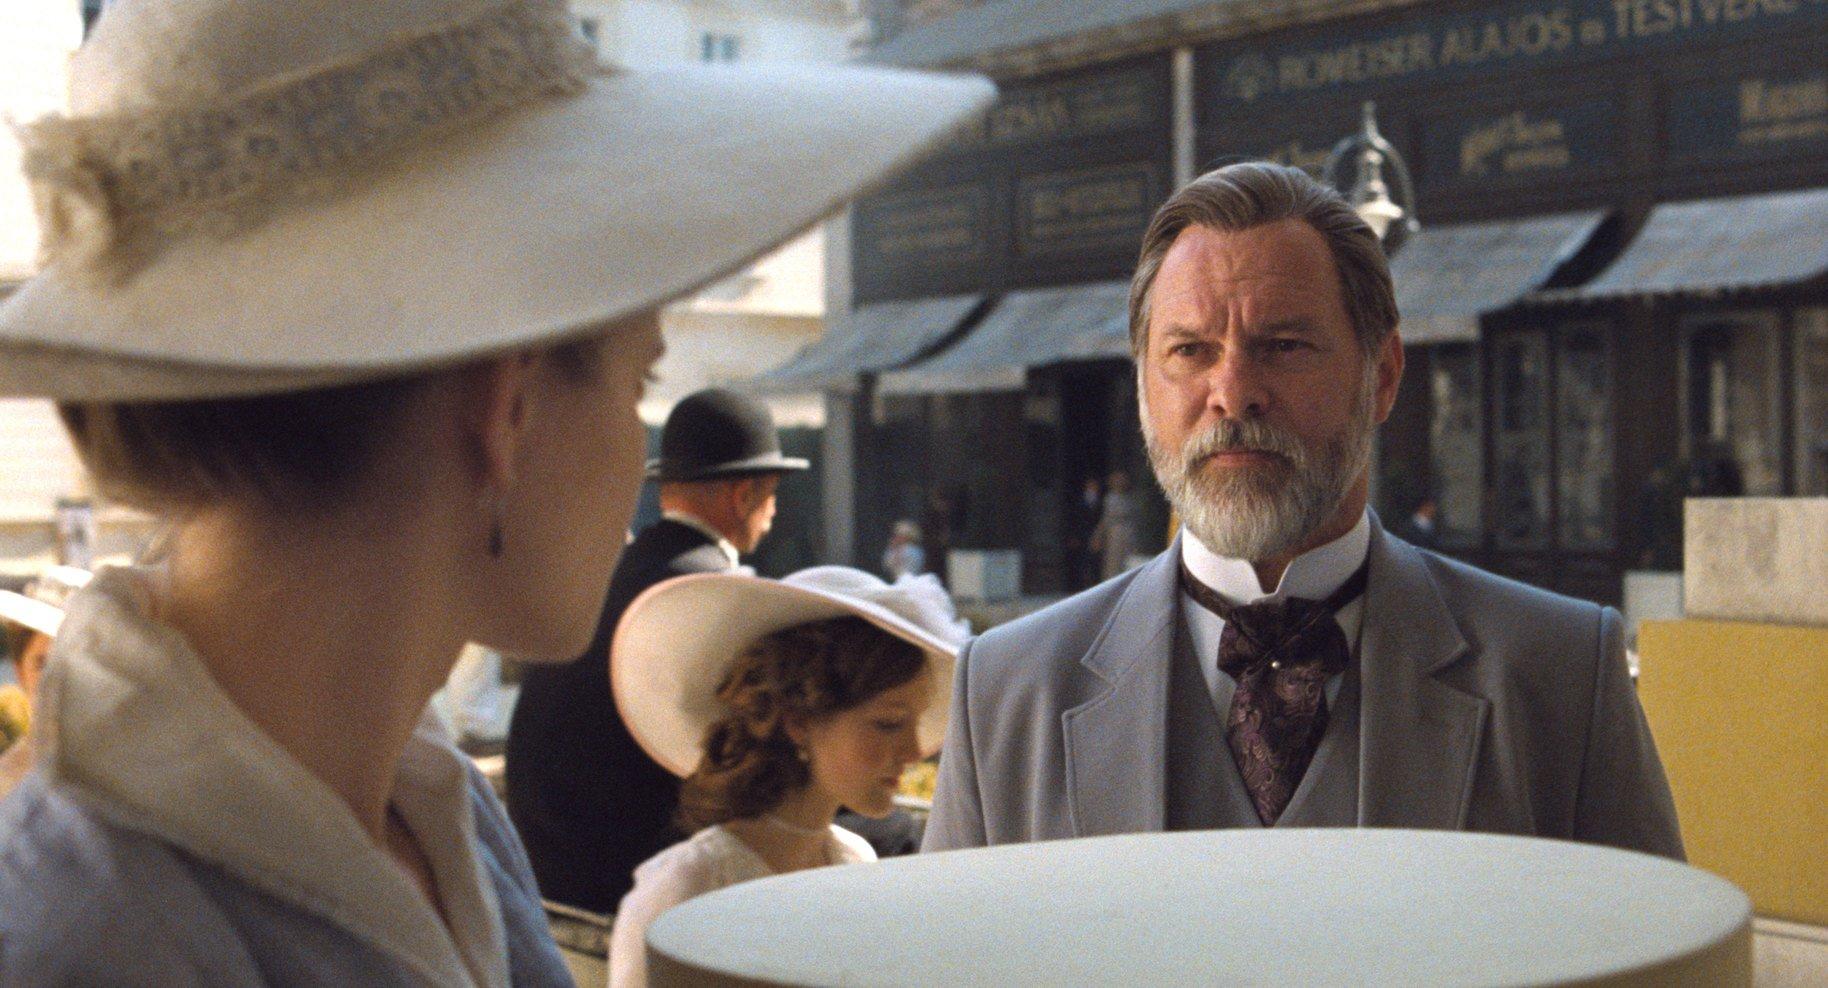 Actorul Vlad Ivanov vine marți la Piatra Neamț, la proiecția de gală a filmului Apusul/Sunset